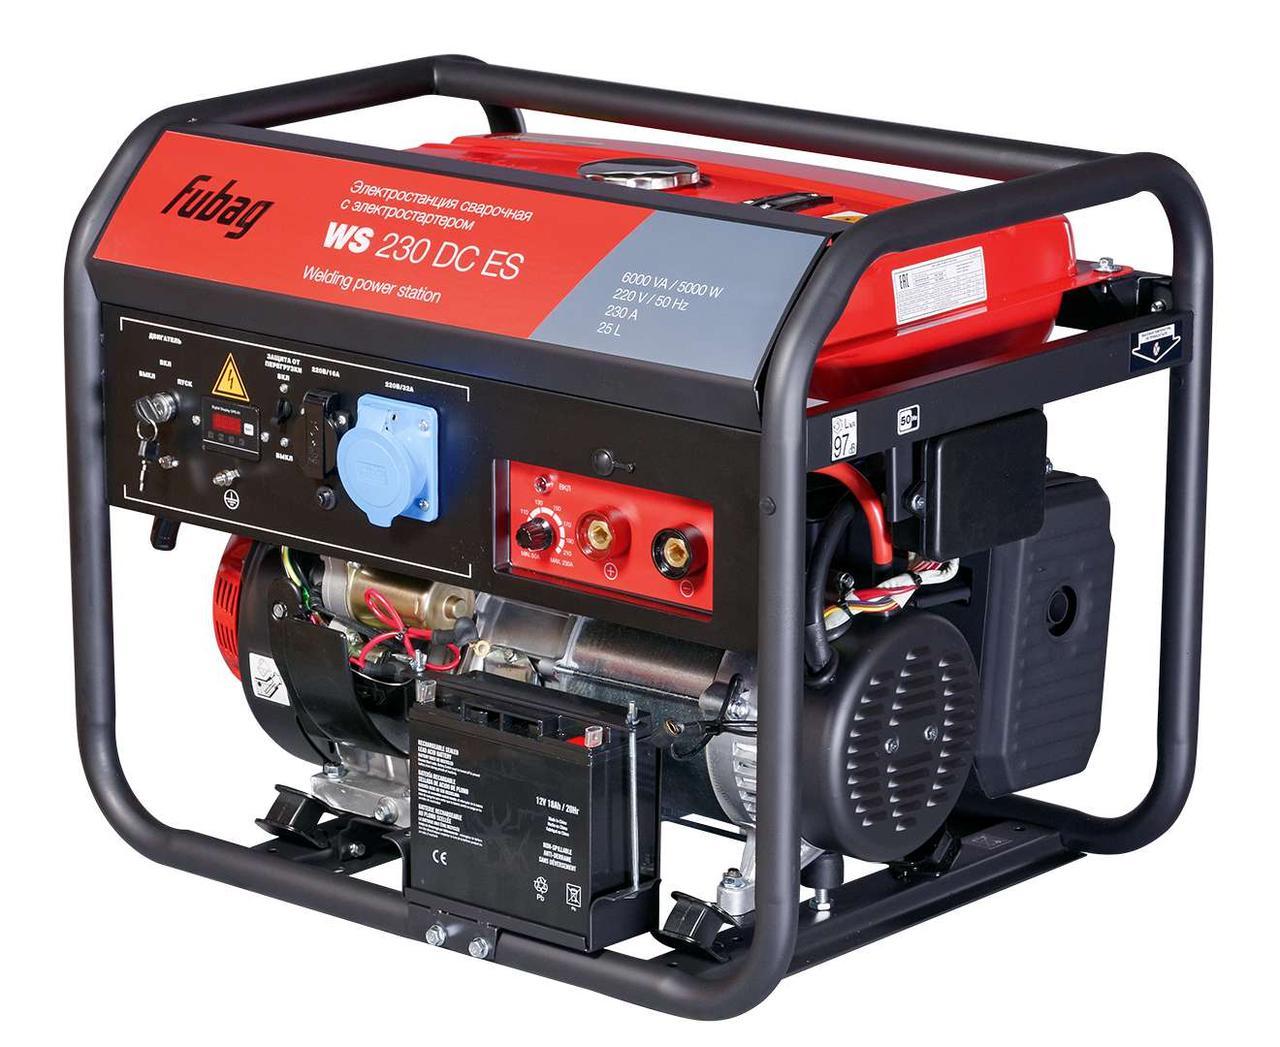 Генератор сварочный Fubag WS 230 DC ES бензиновый с электростартером